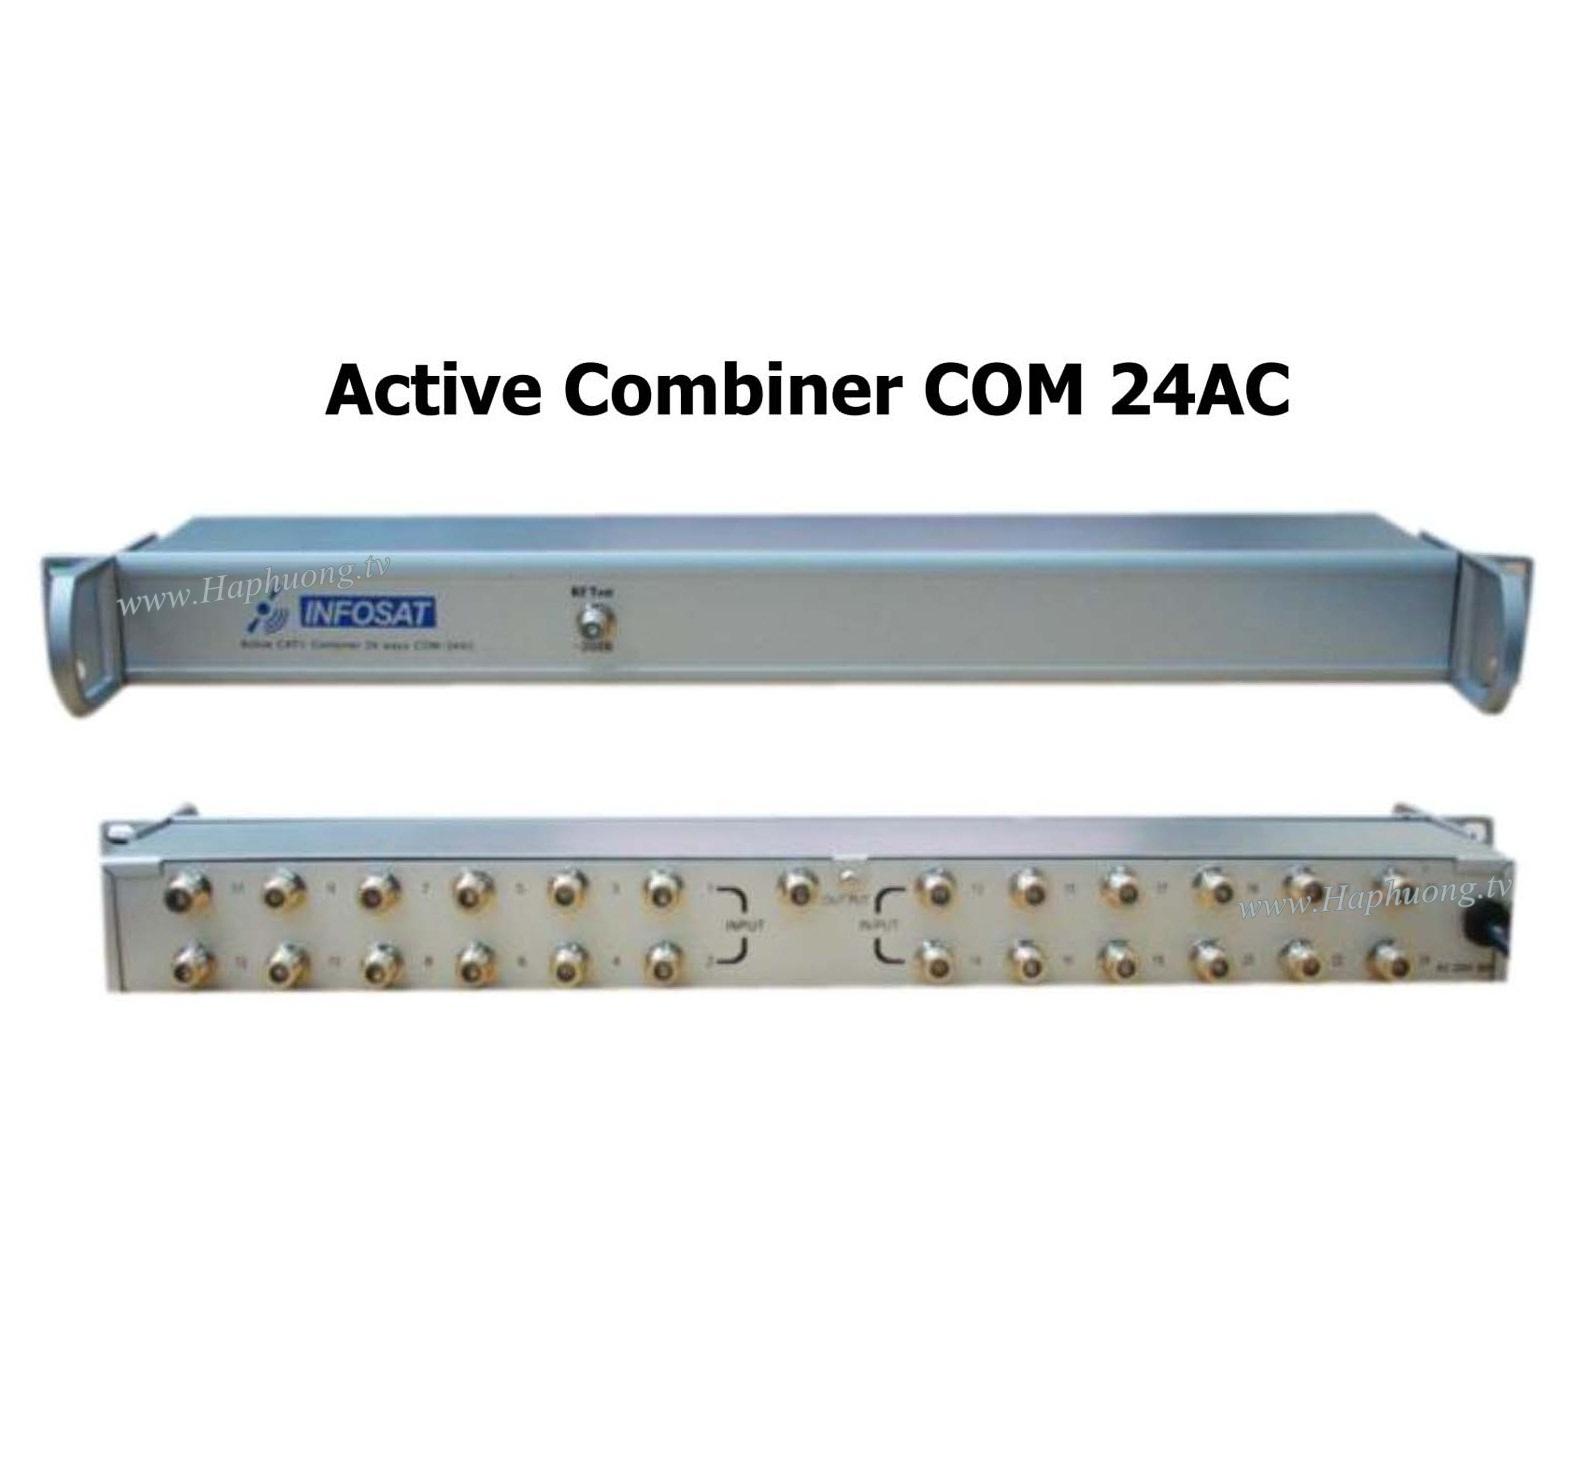 Trộn tín hiệu Infosat COM-24AC